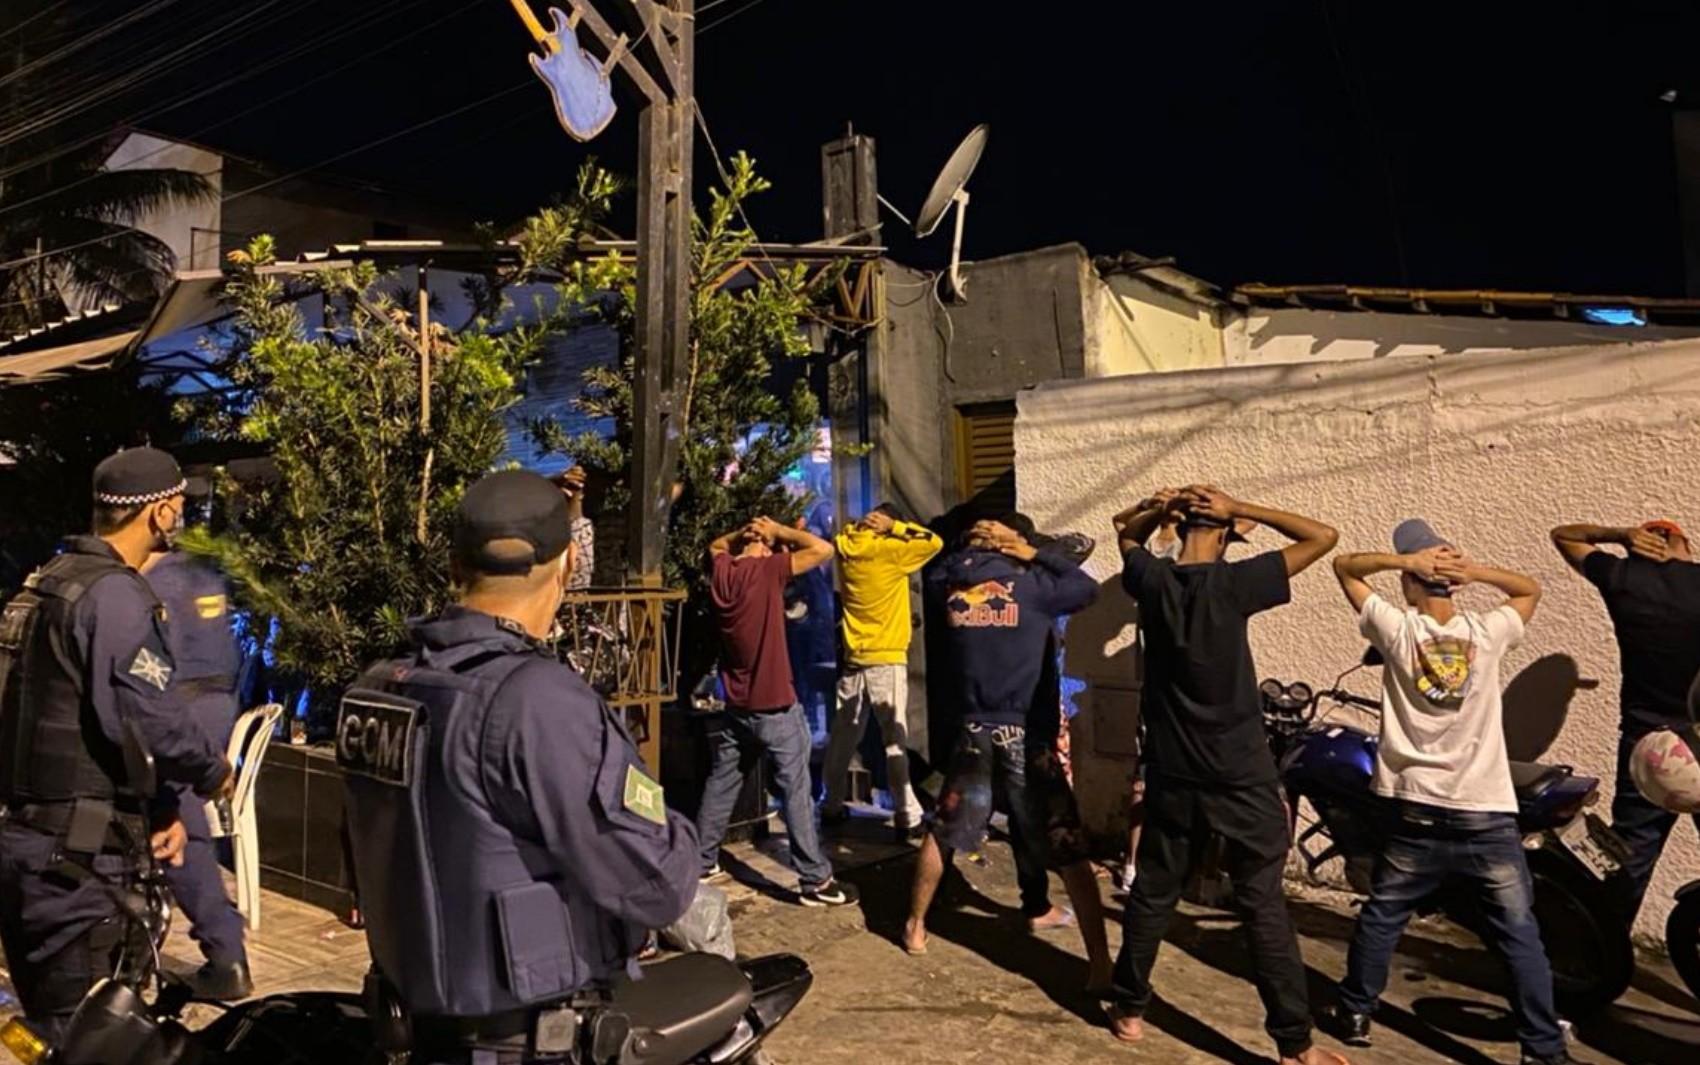 Fiscalização fecha prostíbulo, multa bar e acaba com festa com mais de 120 pessoas em rua de Goiânia: 'Parecia carnaval'